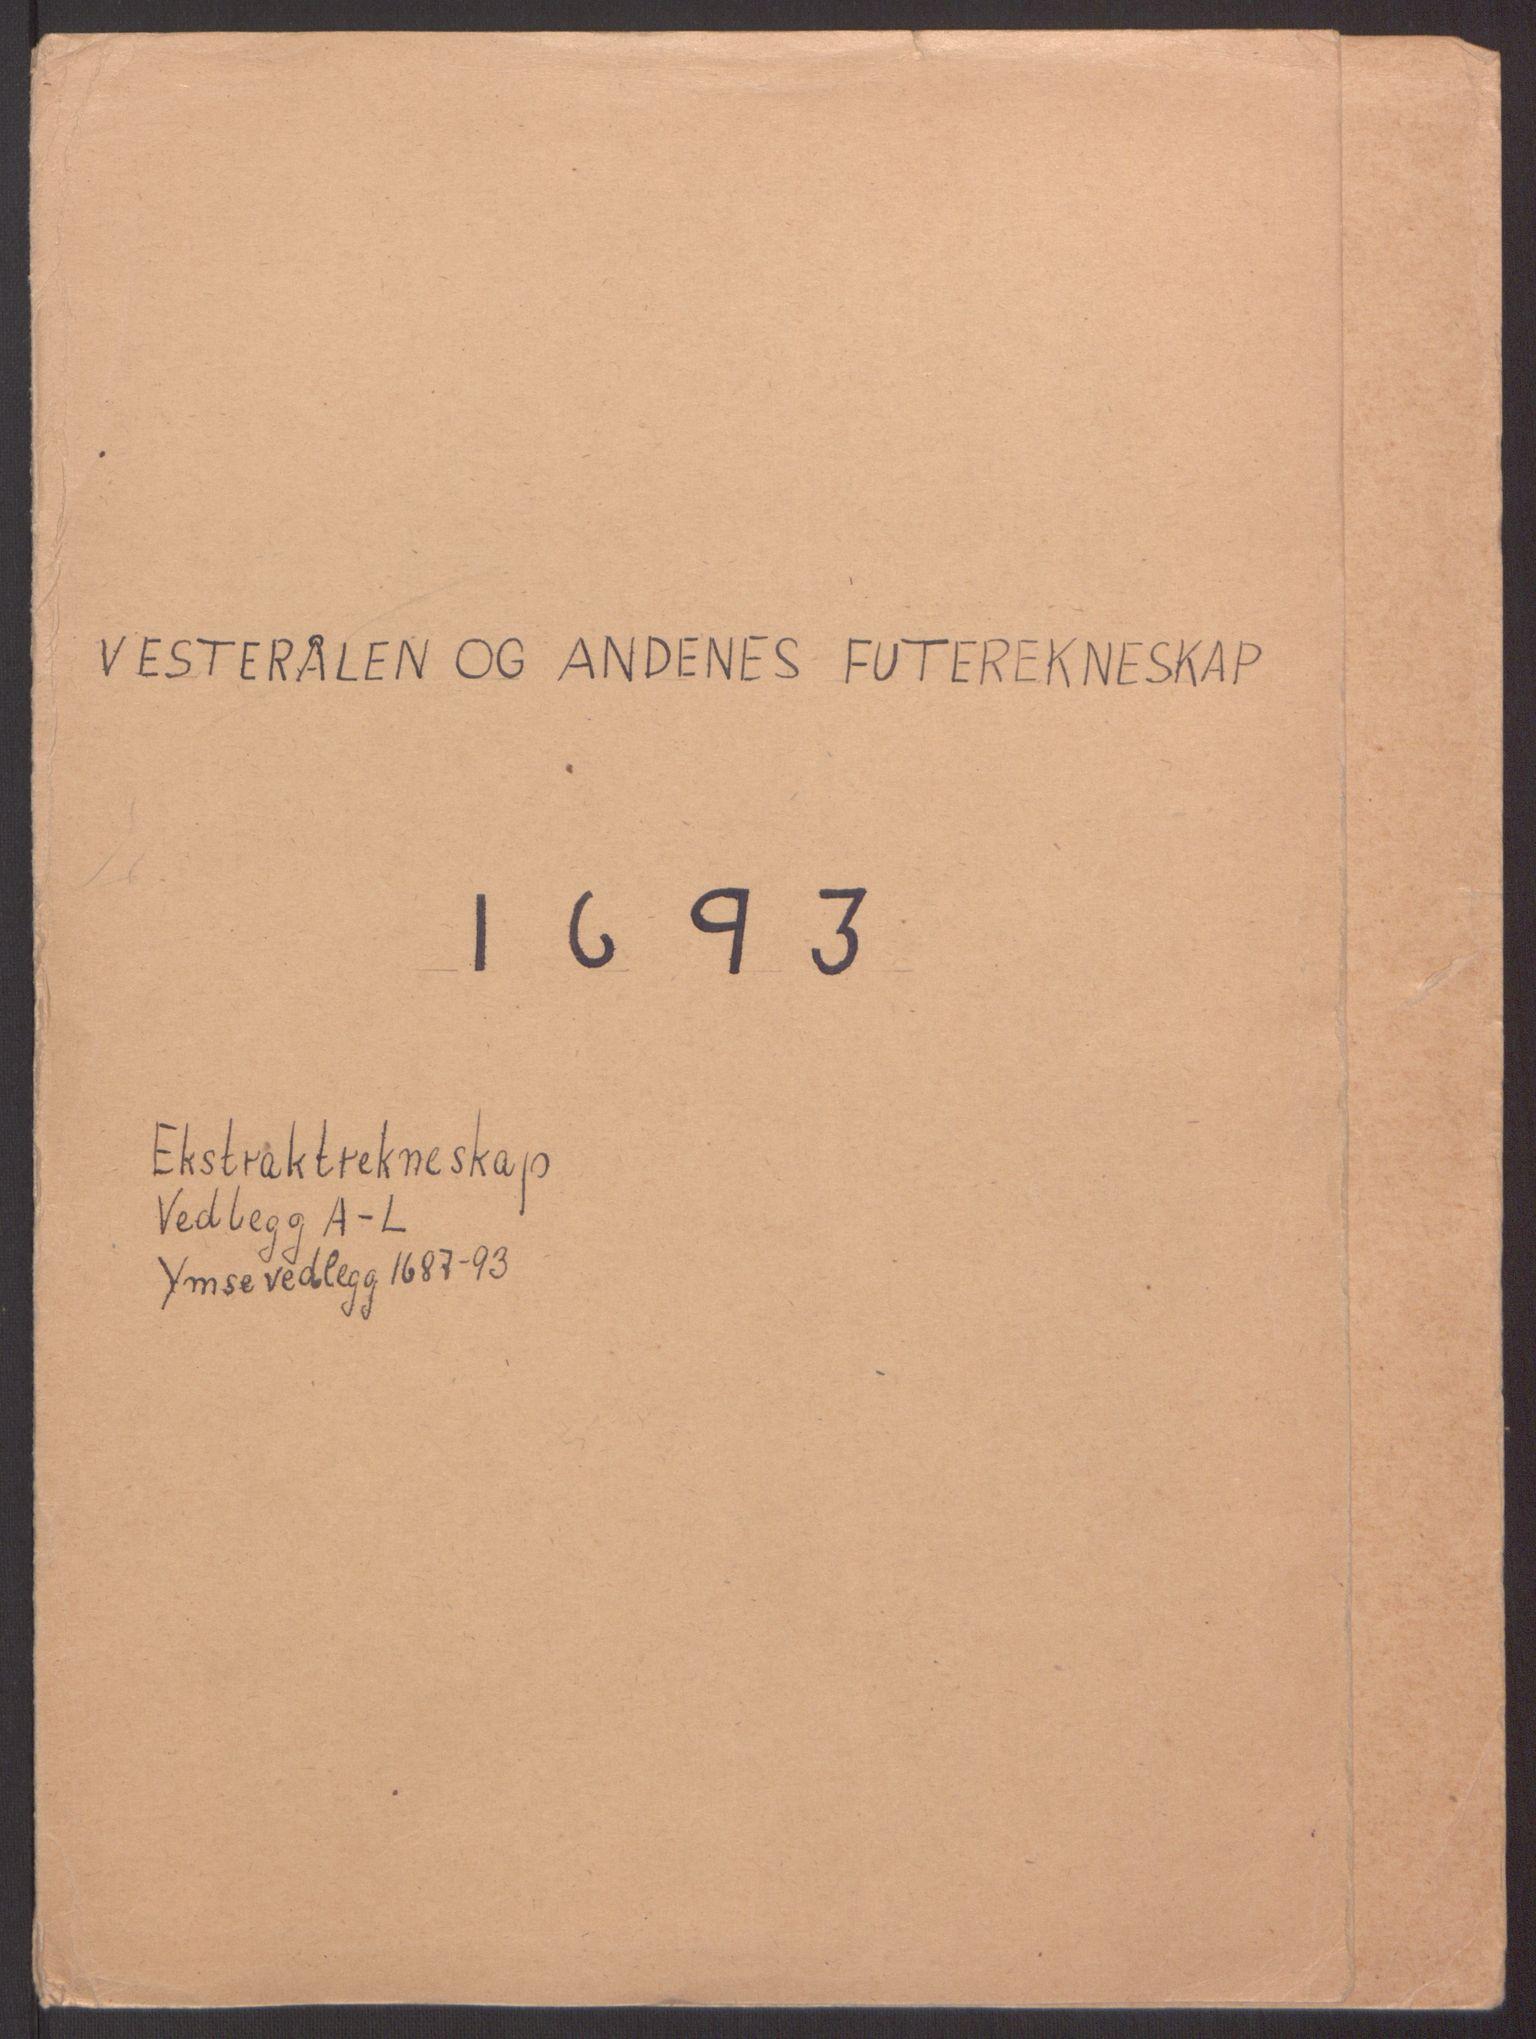 RA, Rentekammeret inntil 1814, Reviderte regnskaper, Fogderegnskap, R67/L4676: Fogderegnskap Vesterålen, Andenes og Lofoten, 1691-1693, s. 232